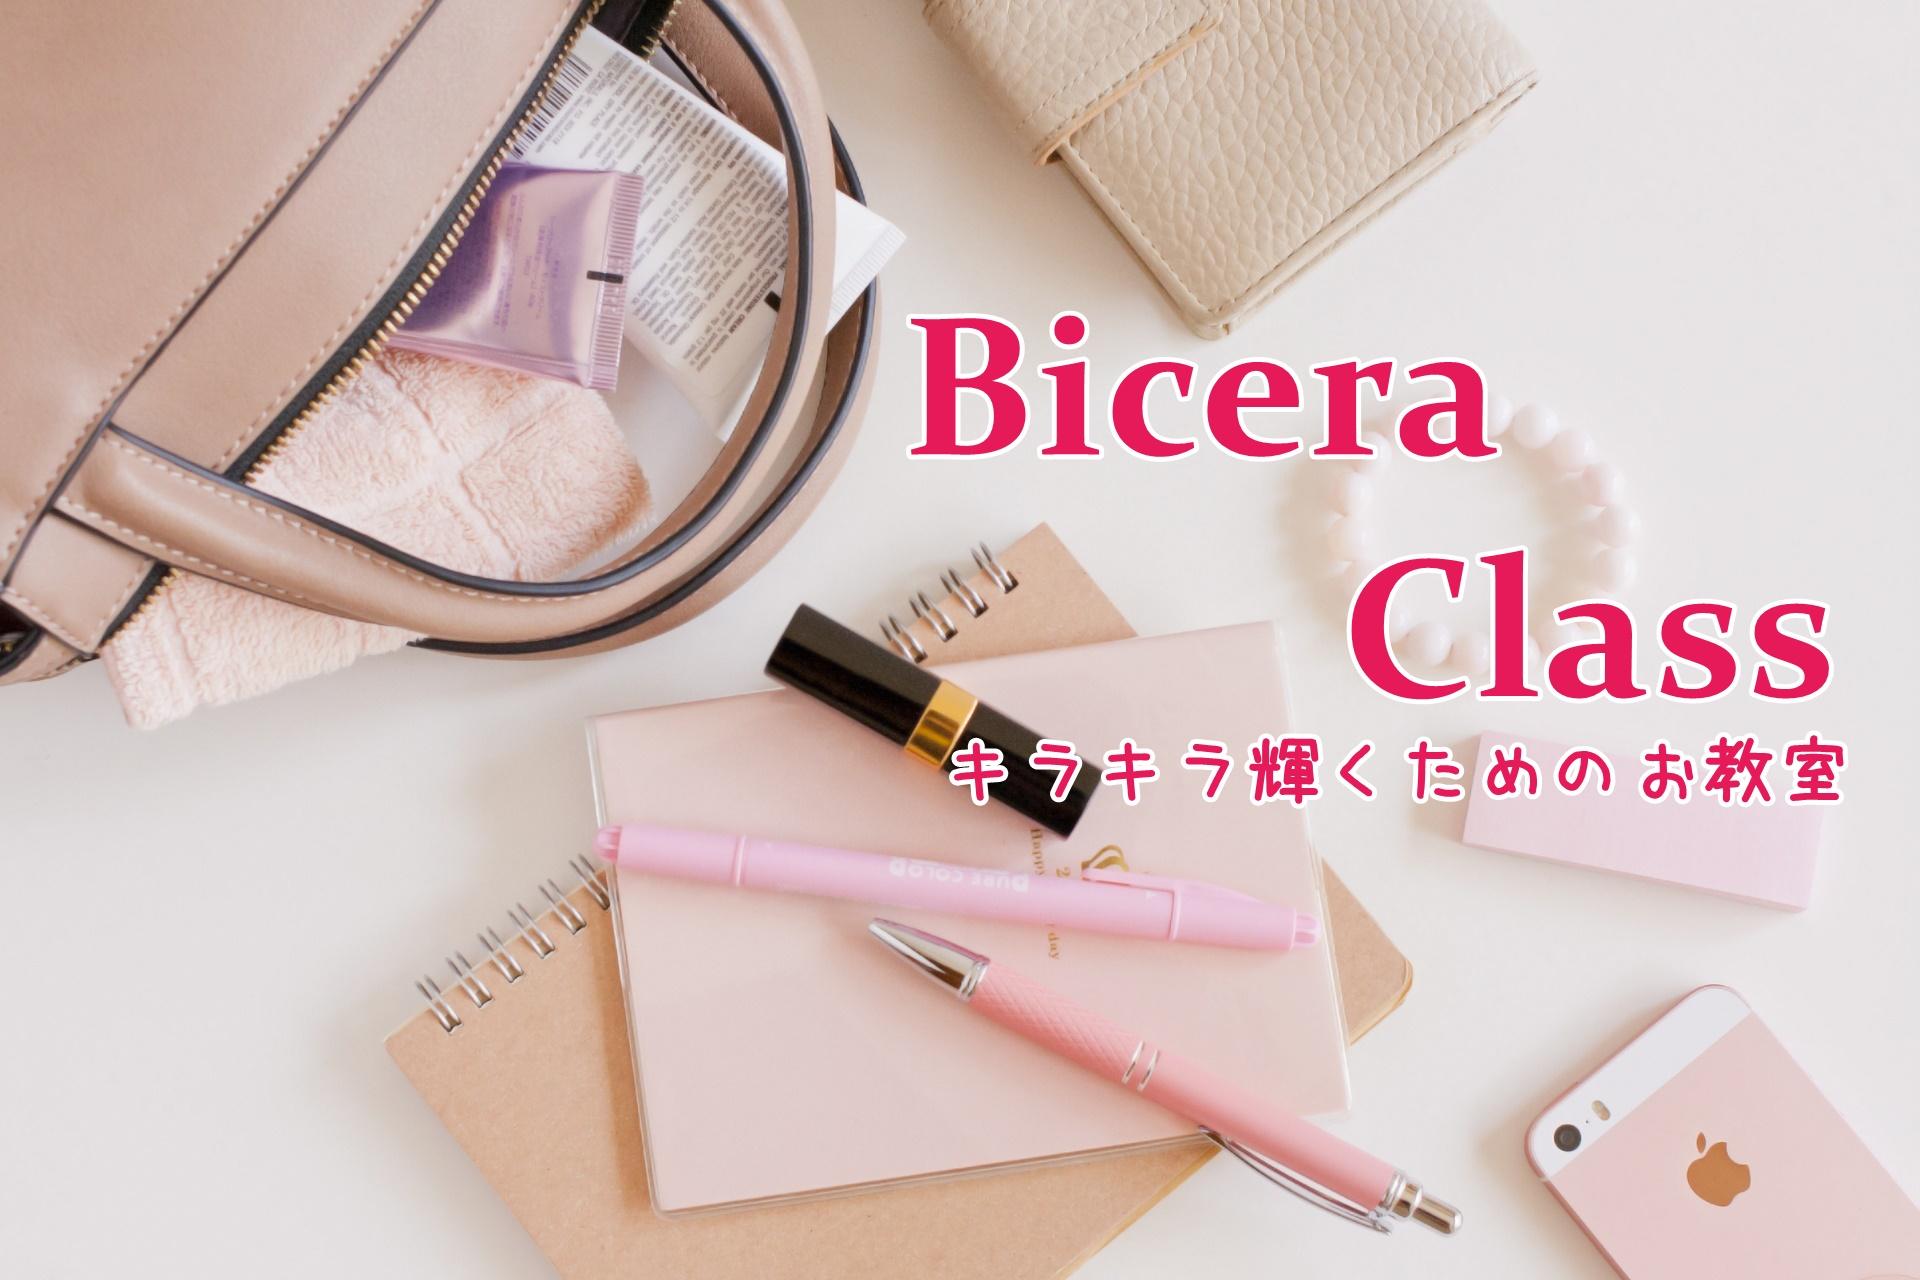 Bicera Class~キラキラ輝くためのお教室~予約開始!